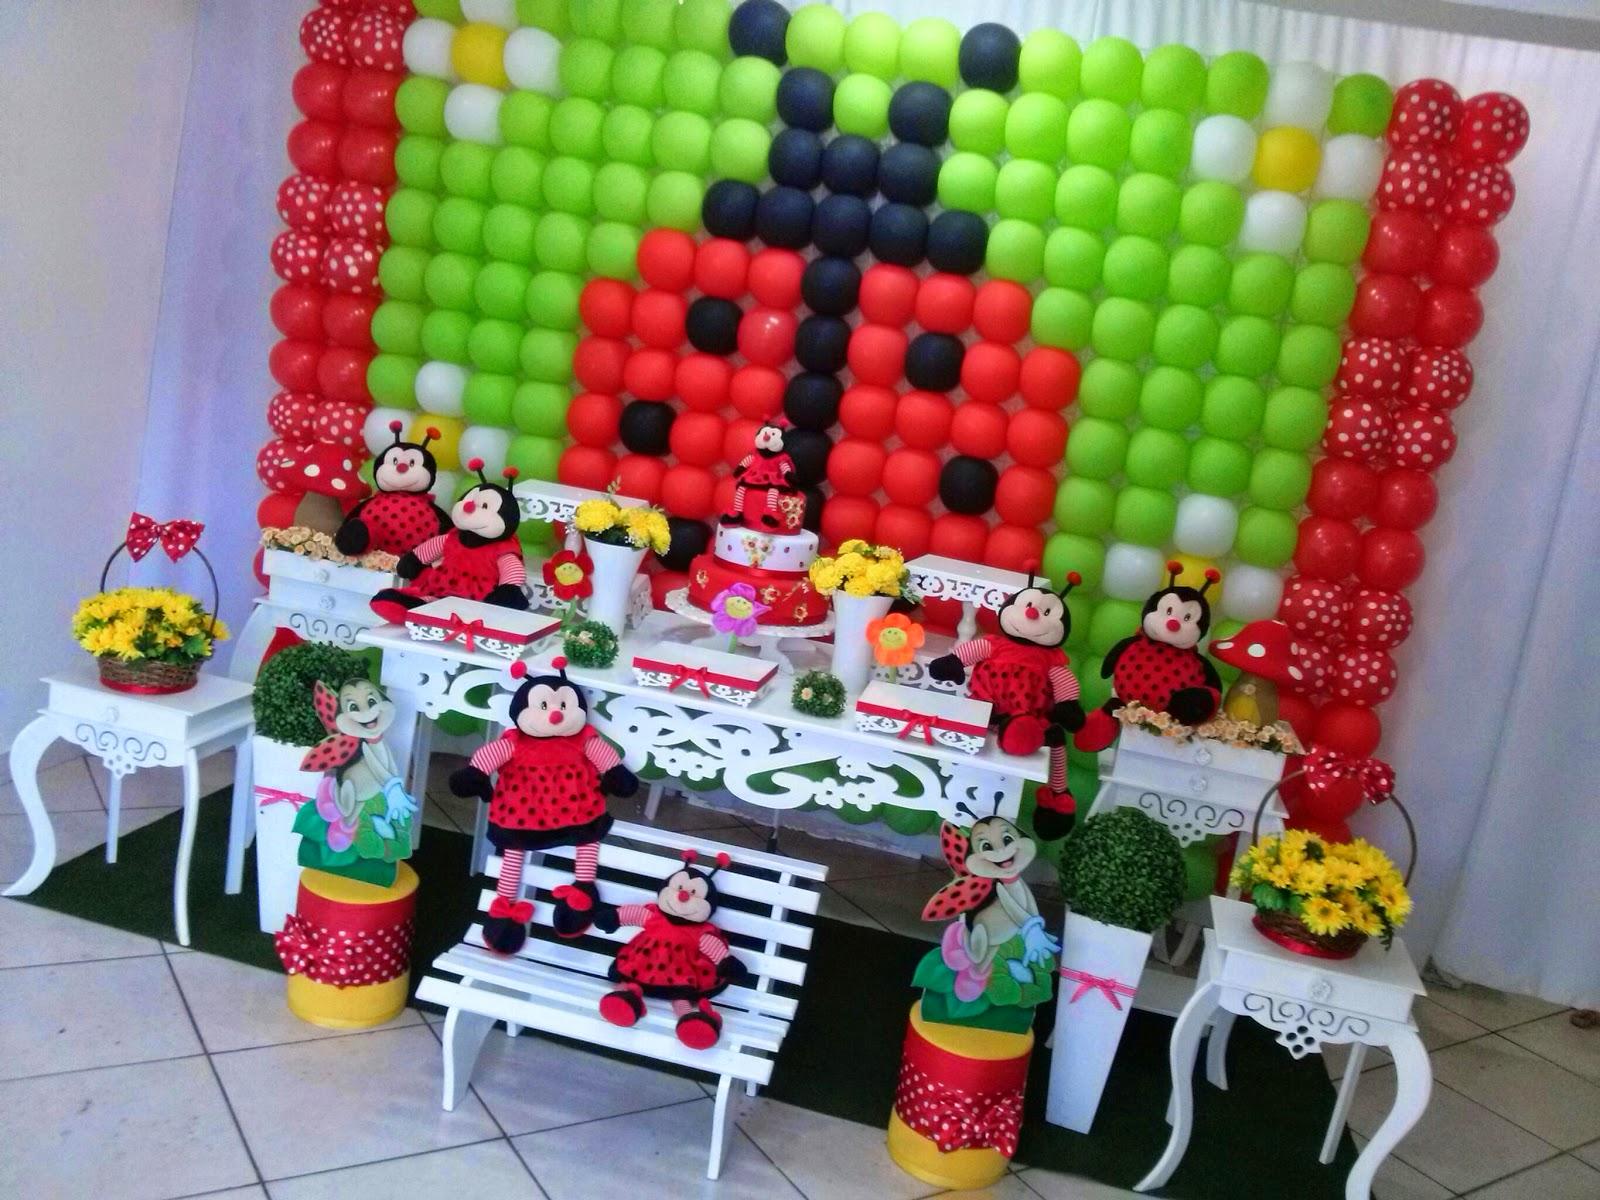 decoracao de festa infantil jardim das joaninhas: DECORAÇÕES(011)4778-2746 : Decoração Joaninha Com Painel de Bexiga